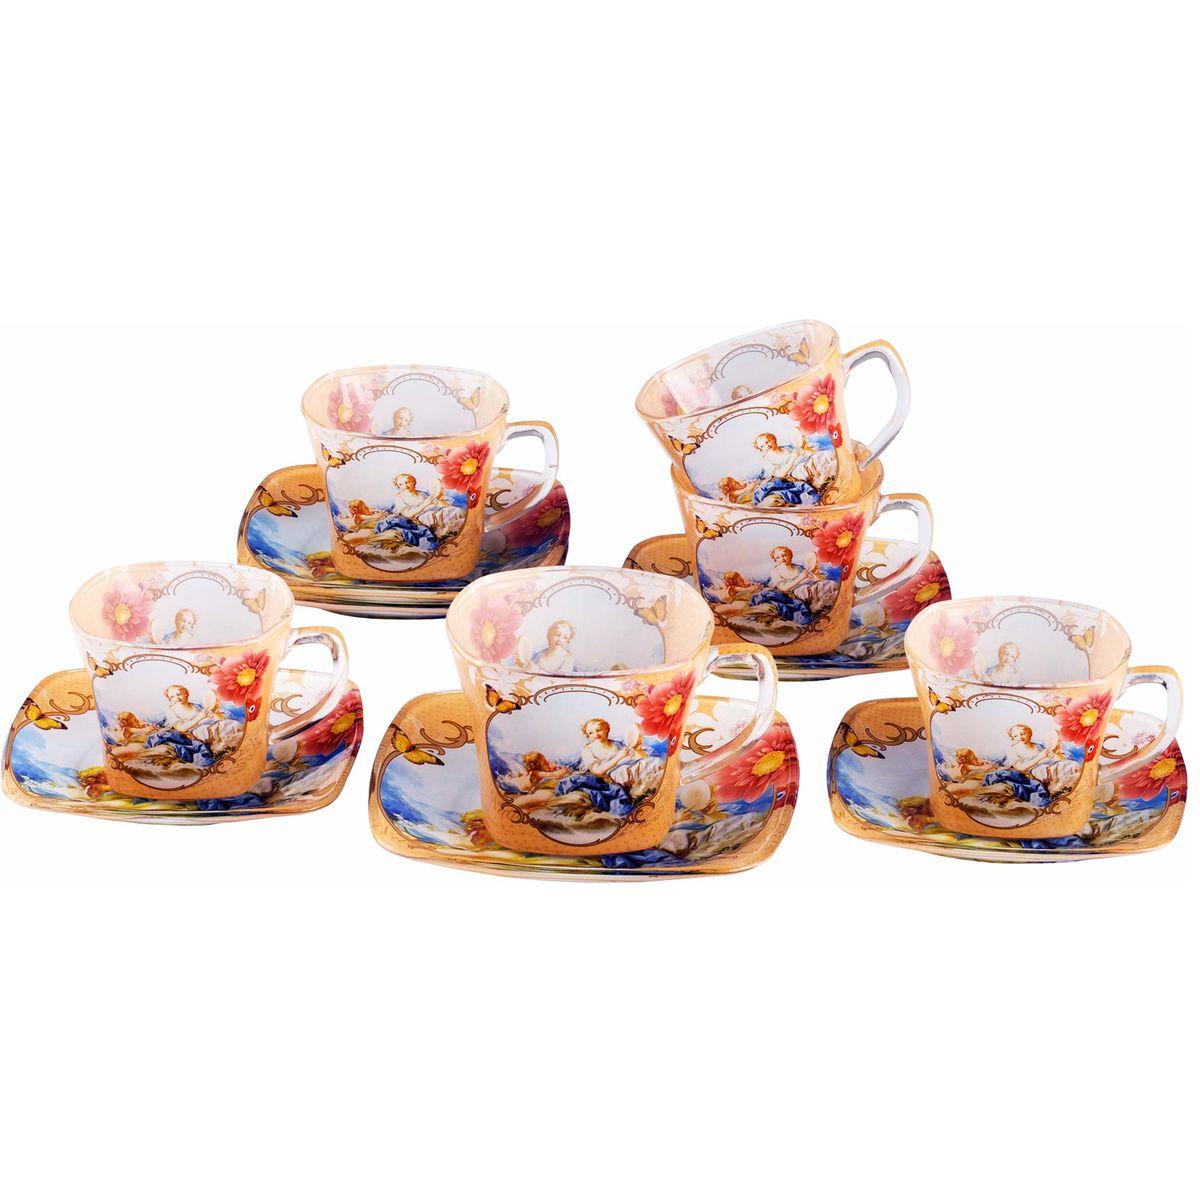 Набор чайный Bekker Koch, цвет: пшеничный, голубой, 12 предметов. BK-5857BK-5857Чайный набор Bekker Koch состоит из шести чашек и шести блюдец, изготовленных из высококачественного стекла. Внешняя поверхность предметов набора матовая с прозрачными вставками. Изделия оформлены изящным изображением ангелов и цветков.Изящный набор эффектно украсит стол к чаепитию и порадует вас функциональностью и ярким дизайном.Объем чашки: 200 мл.Диаметр (по верхнему краю): 8 см.Высота чашки: 6,5 см.Диаметр блюдца: 13,5 см.Не применять абразивные чистящие средства. Не использовать в микроволновой печи. Мыть с применением нейтральных моющих средств. Нельзя мыть в посудомоечных машинах.